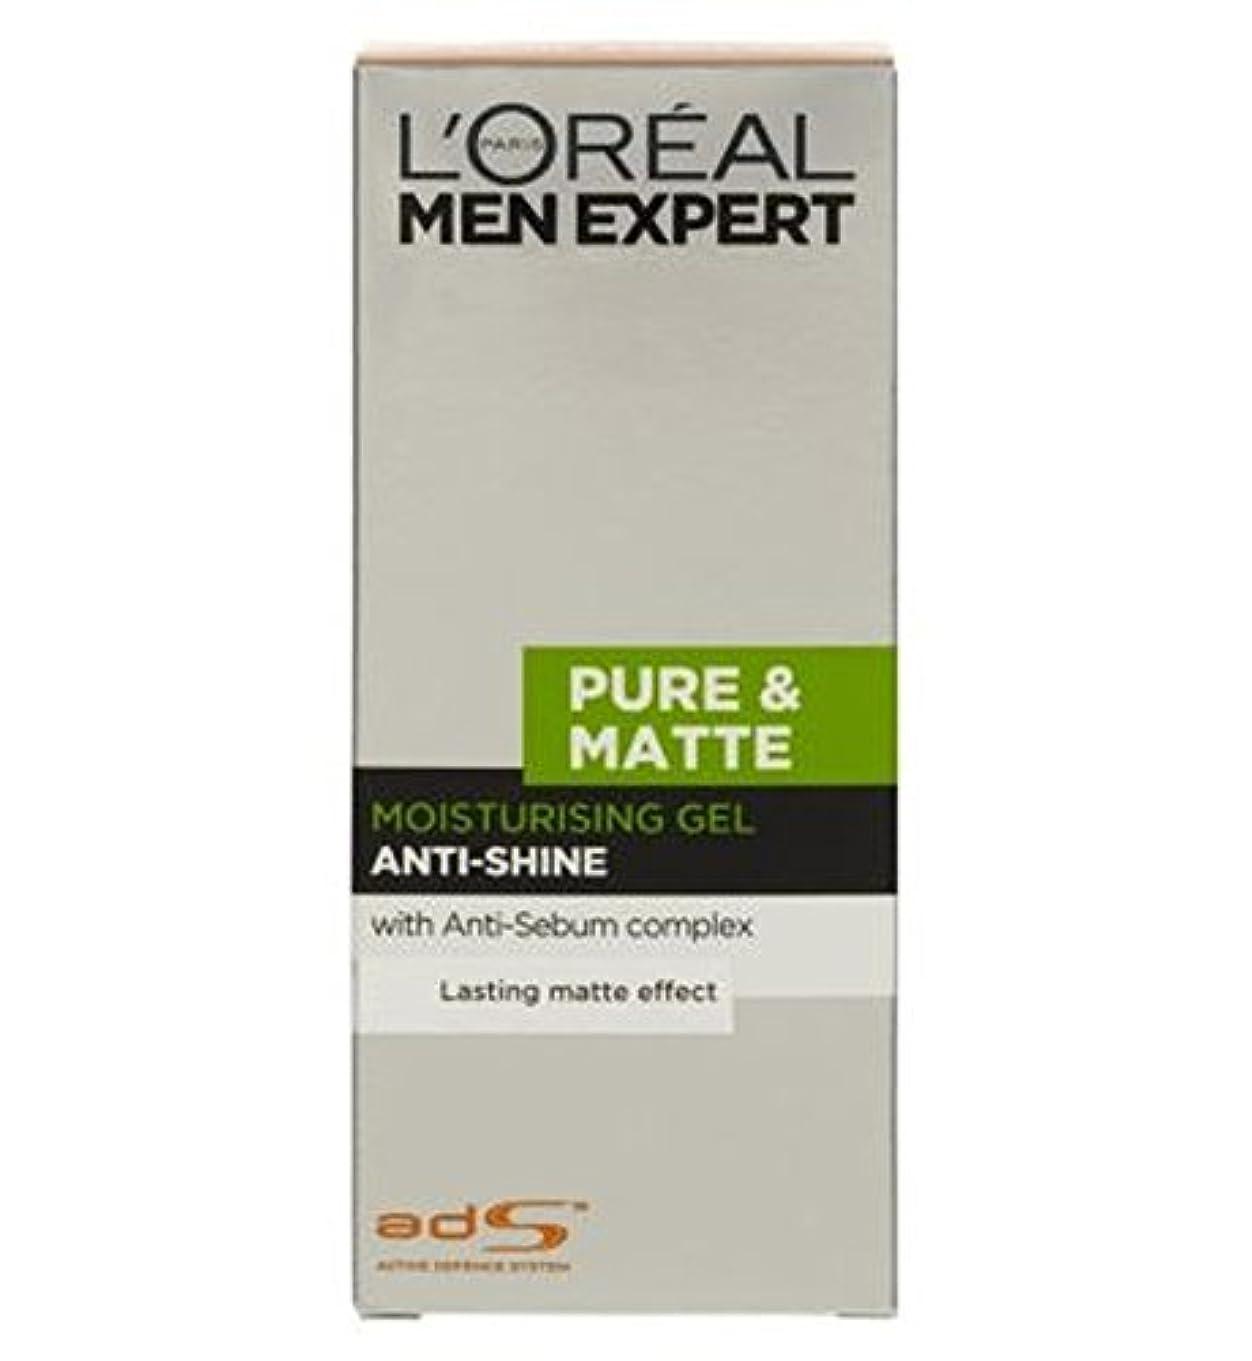 熟考する日食章ロレアルの男性の専門家純粋&マット抗輝き保湿ゲル50ミリリットル (L'Oreal) (x2) - L'Oreal Men Expert Pure & Matte Anti-Shine Moisturising Gel 50ml (Pack of 2) [並行輸入品]